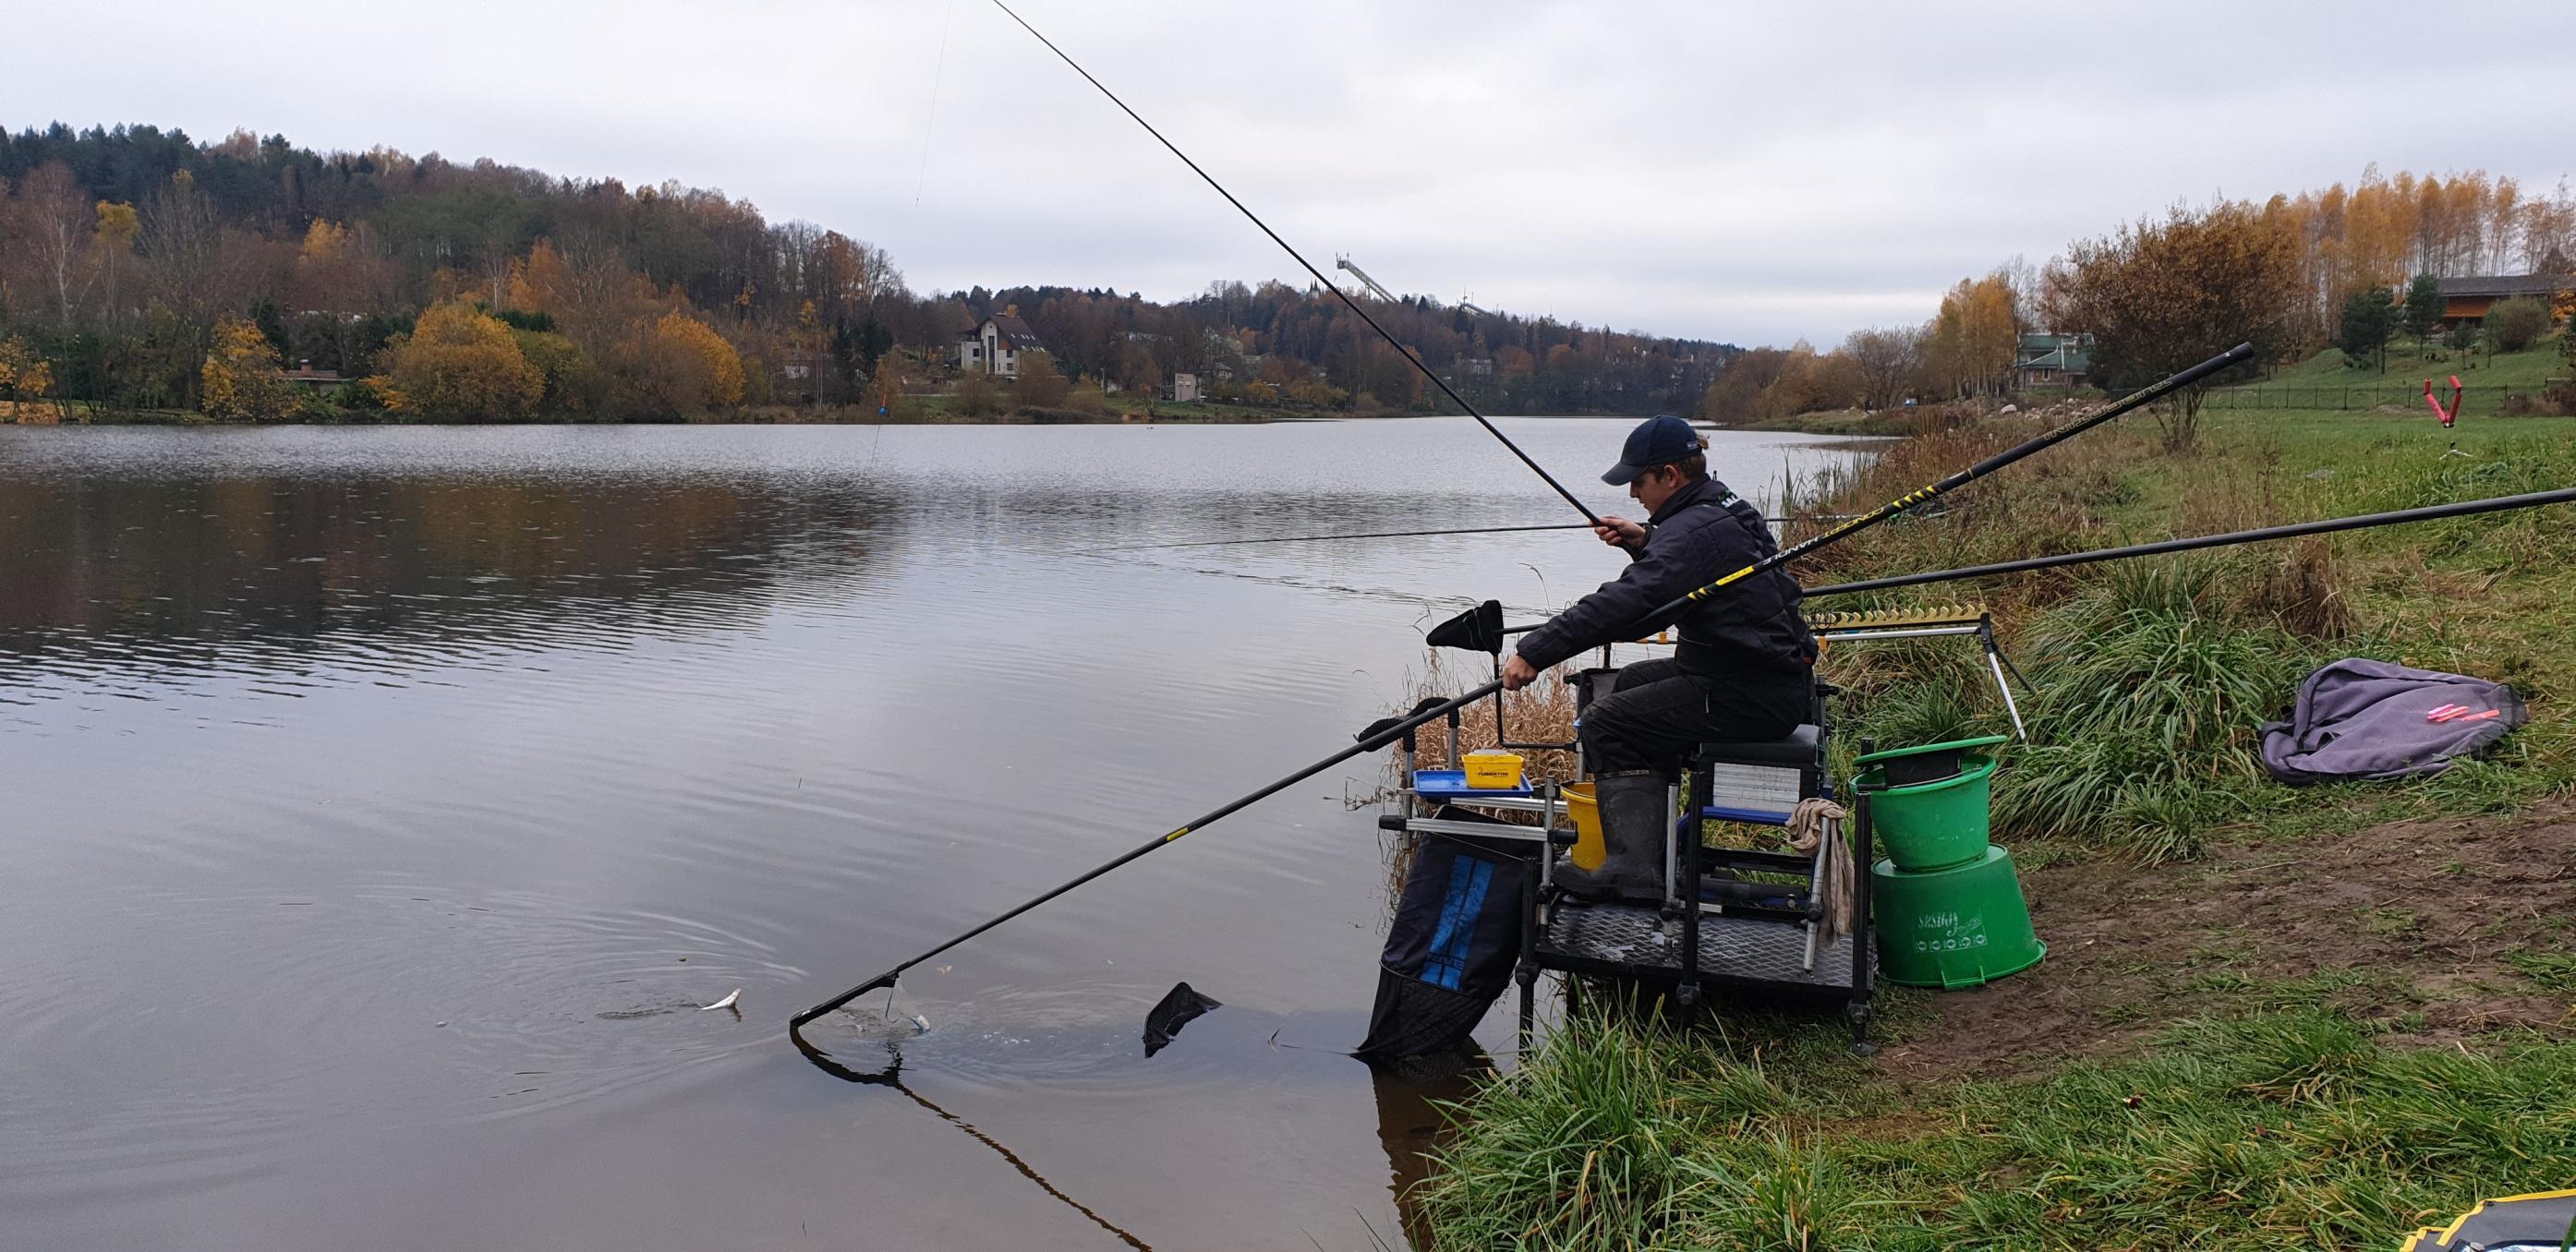 Сегодня и я посетил этот благословенный уголок (Малые ... | Отчеты о рыбалке в Беларуси